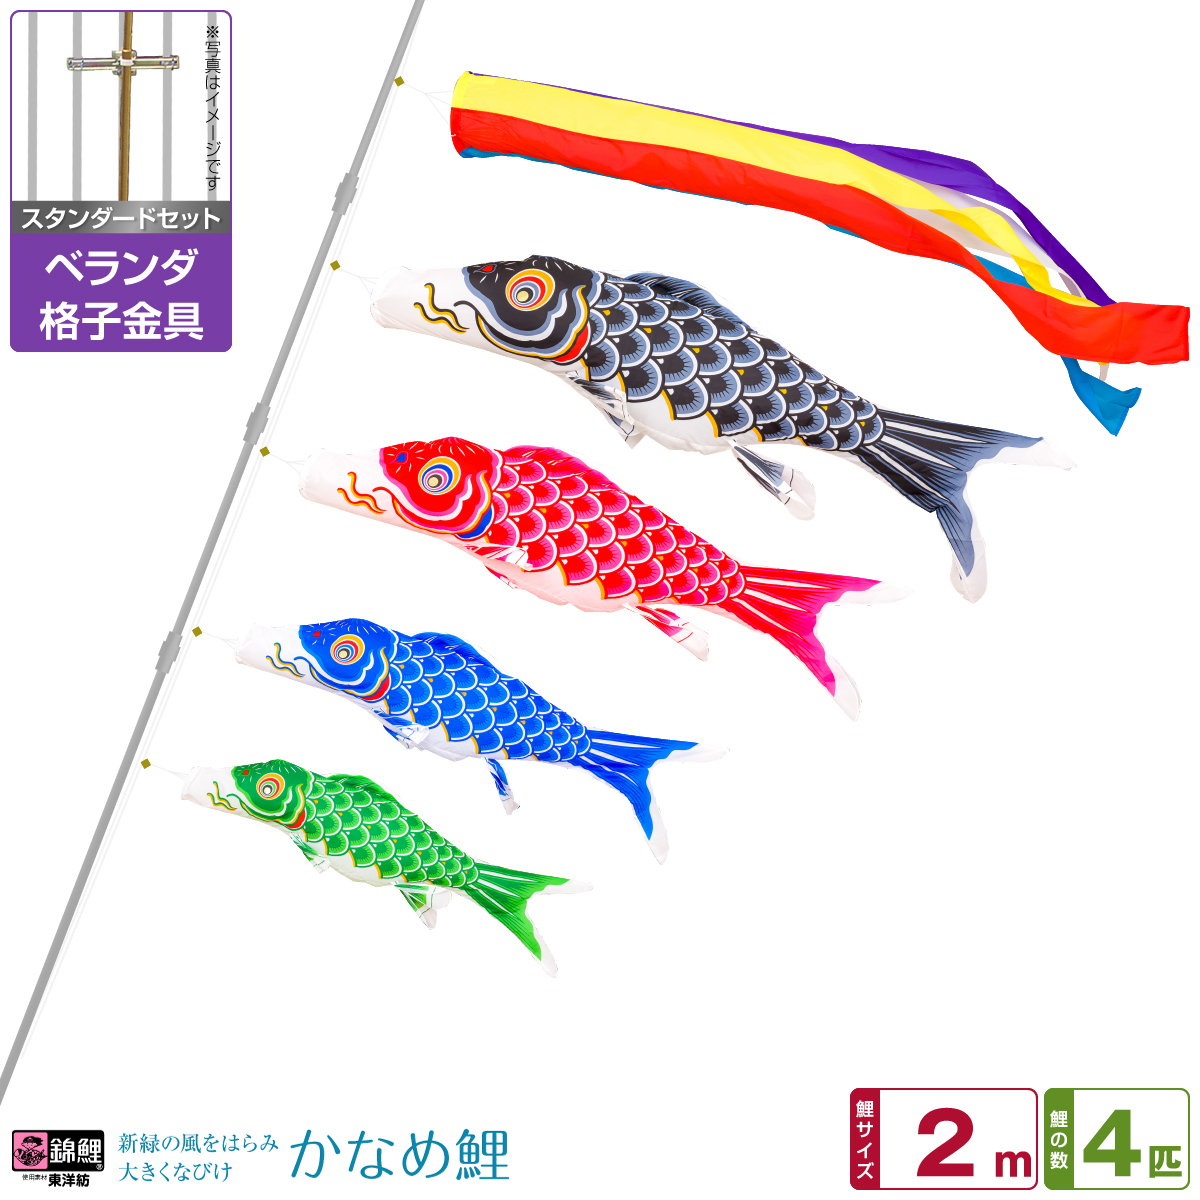 ベランダ用 こいのぼり 鯉のぼり 錦鯉 新緑の風になびく かなめ鯉 2m 7点(吹流し+鯉4匹+矢車+ロープ)/スタンダードセット(格子金具)